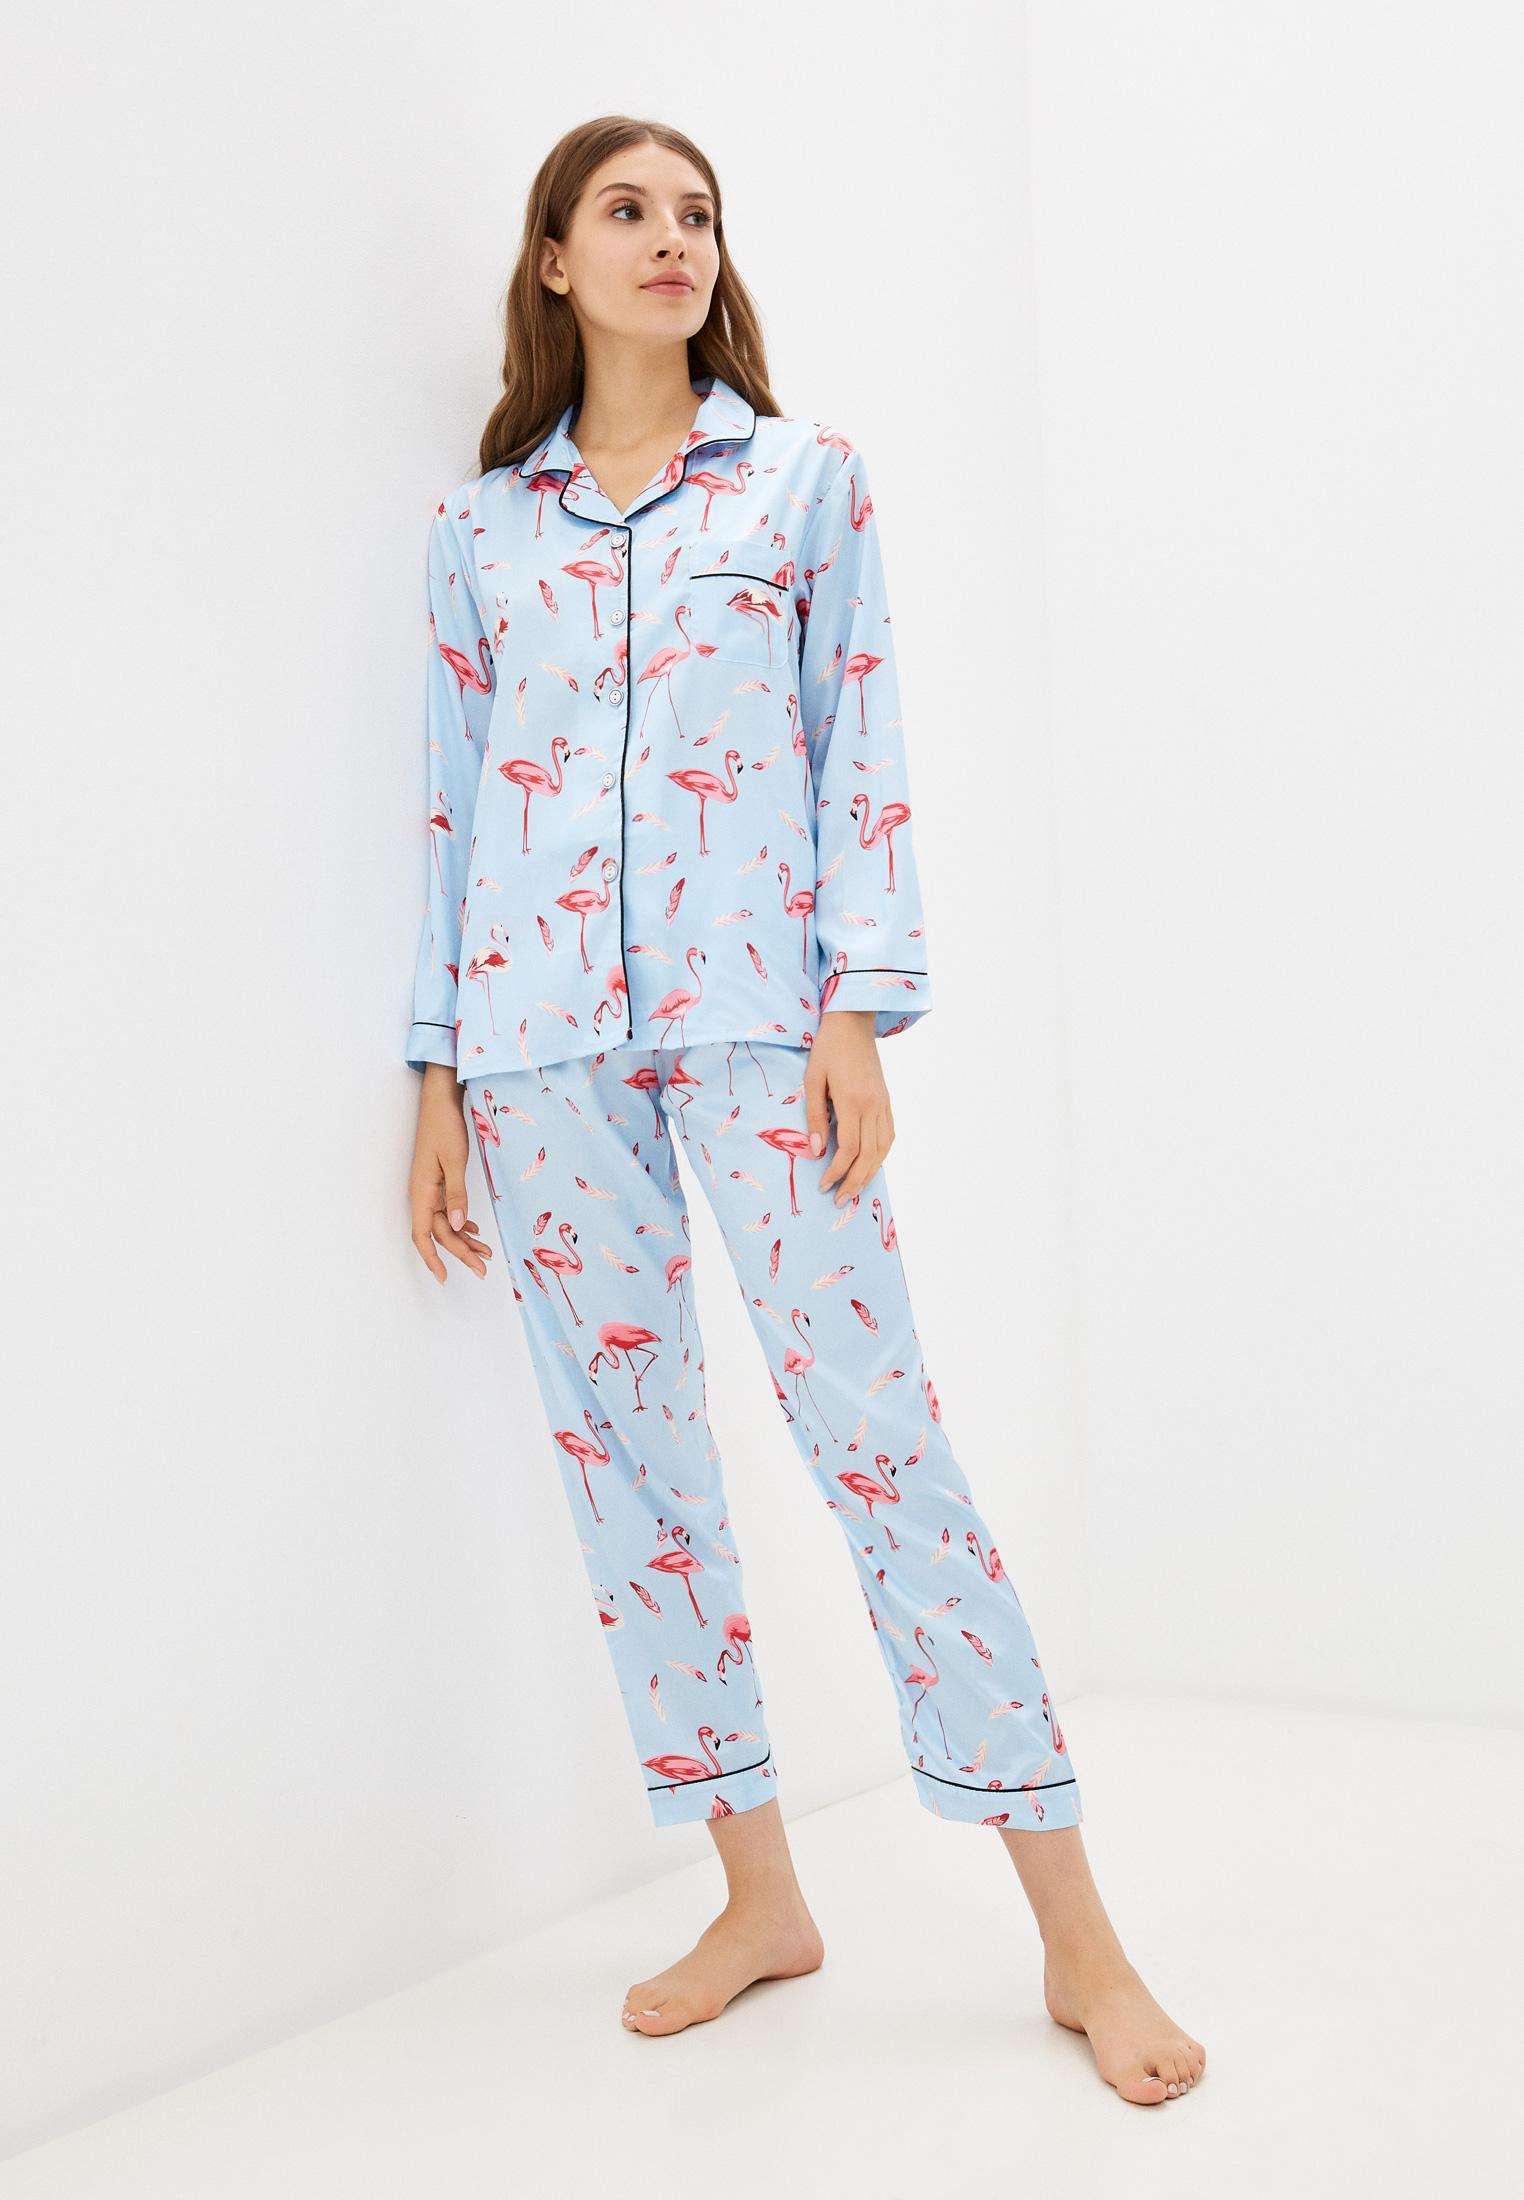 Женское белье и одежда для дома SleepShy SL188